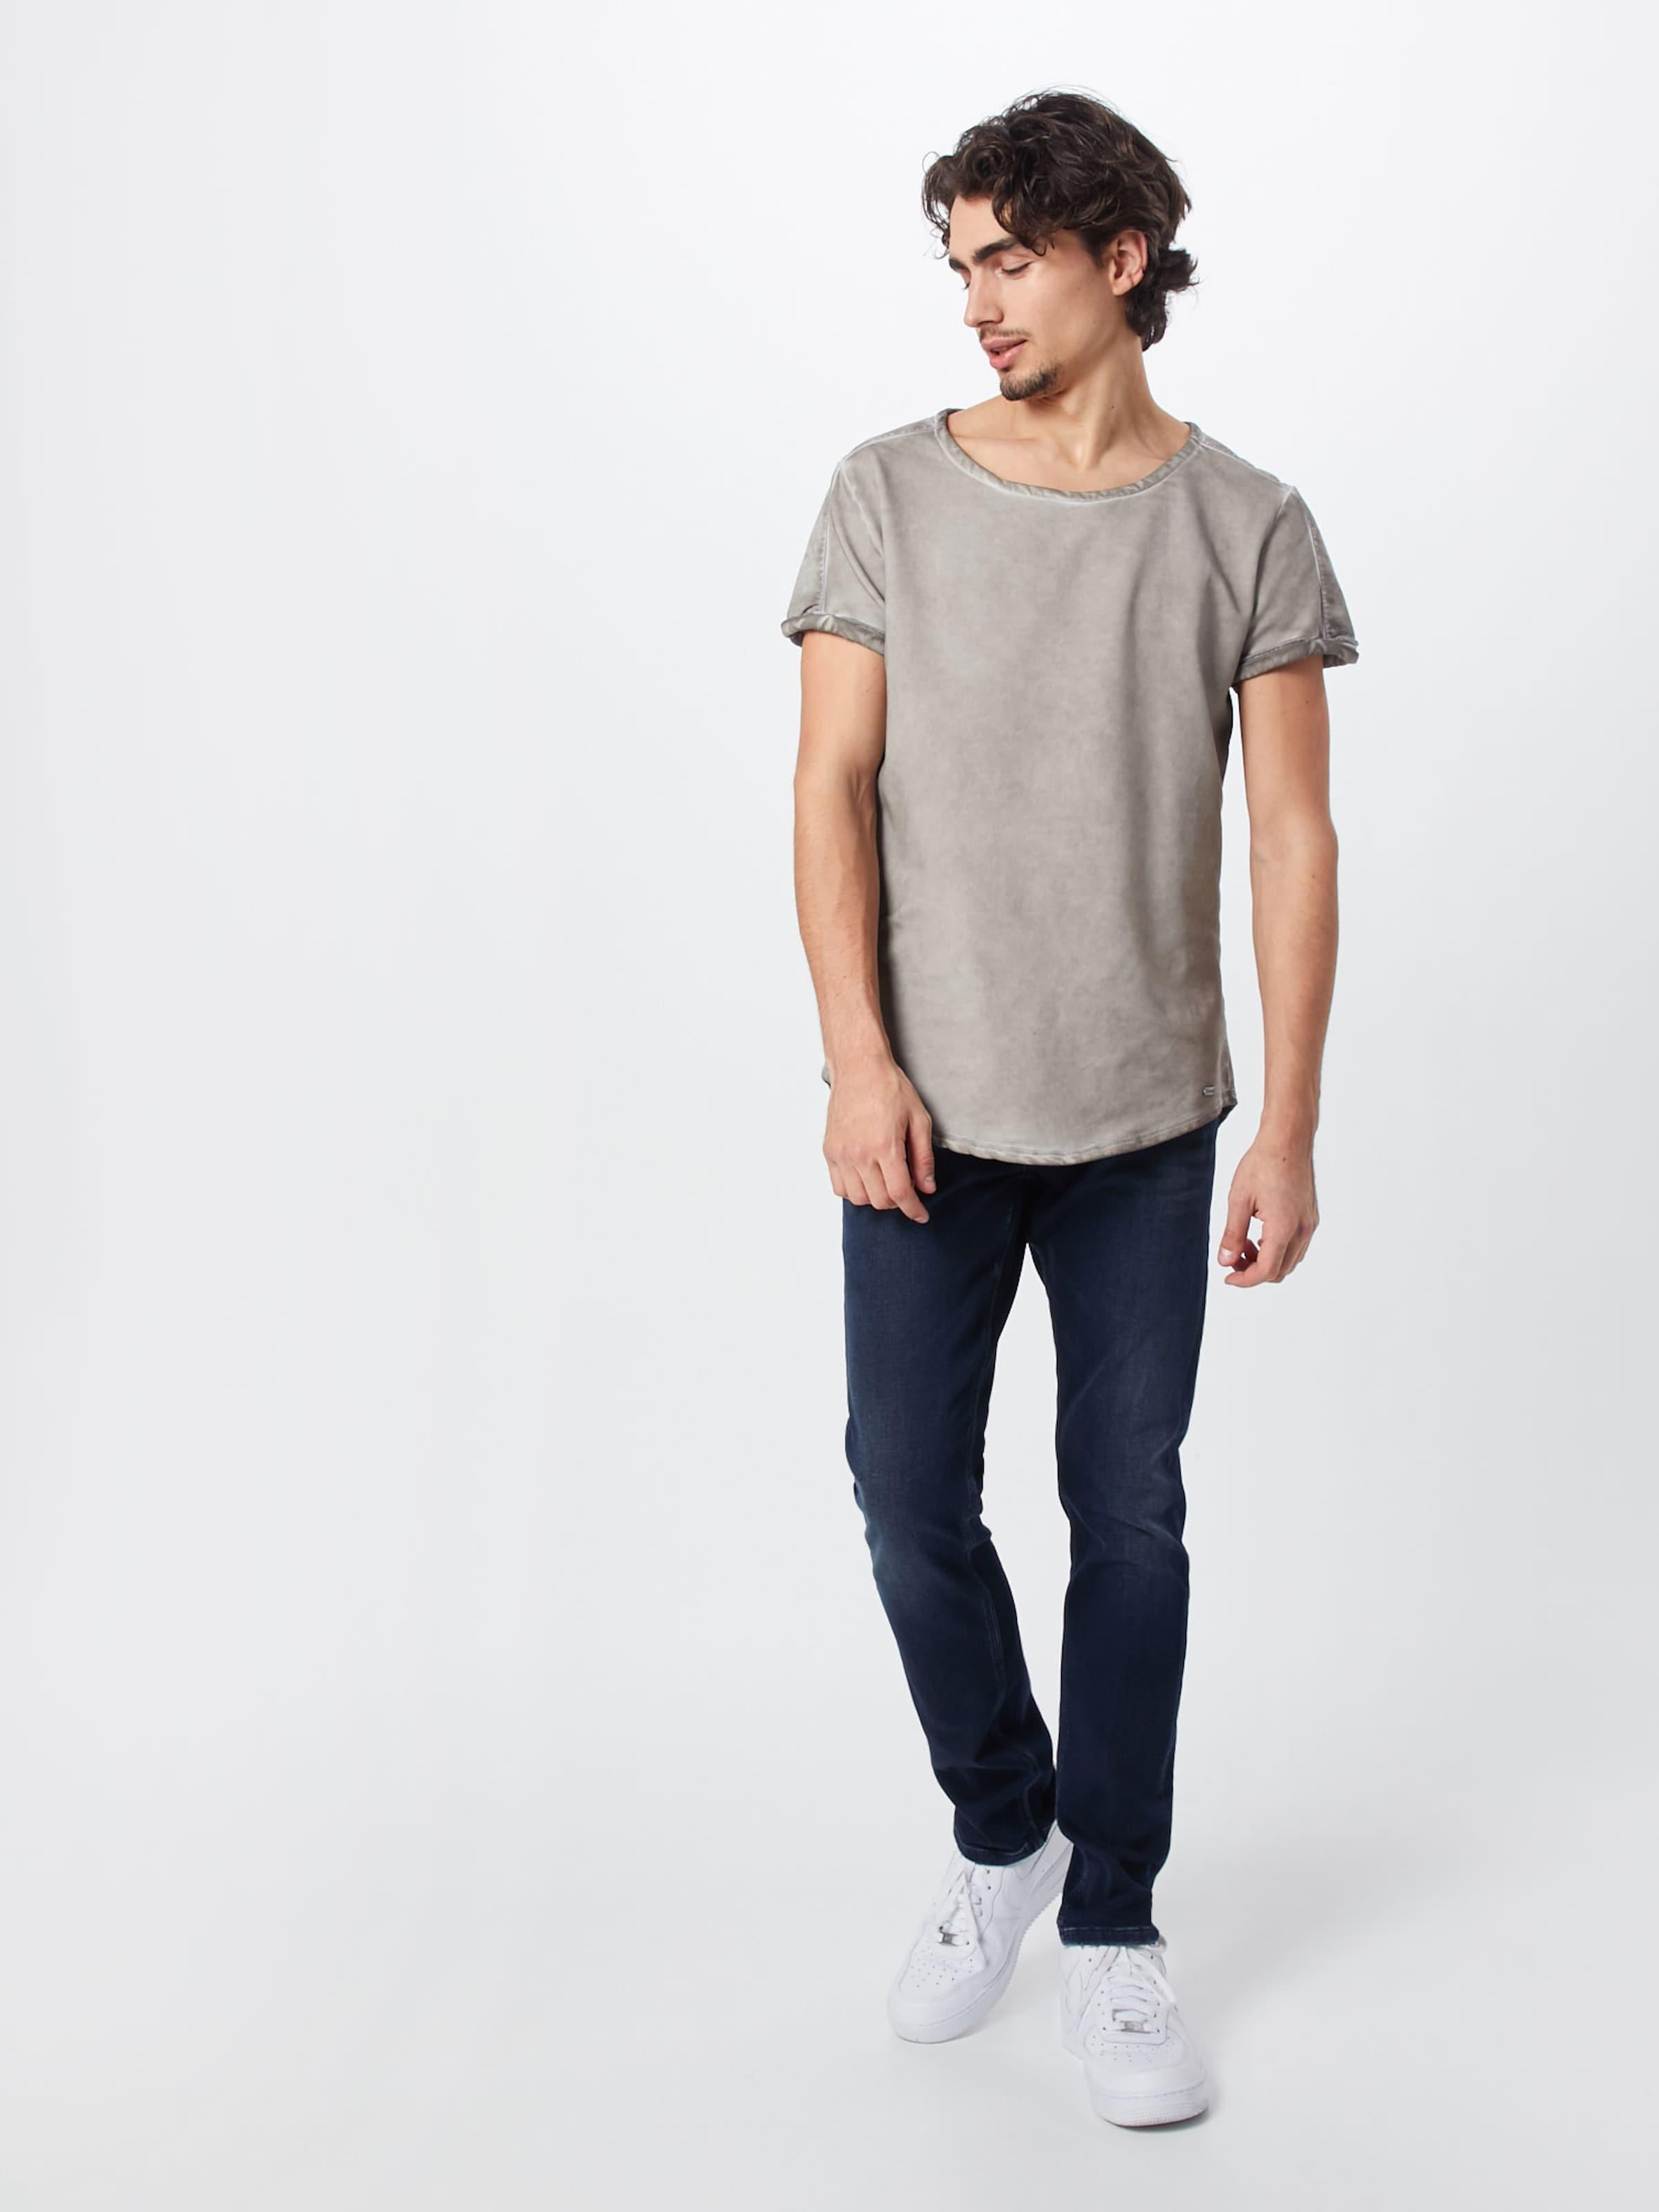 Denim Jeans 'track' Pepe Bleu Jean En UzpMVqS